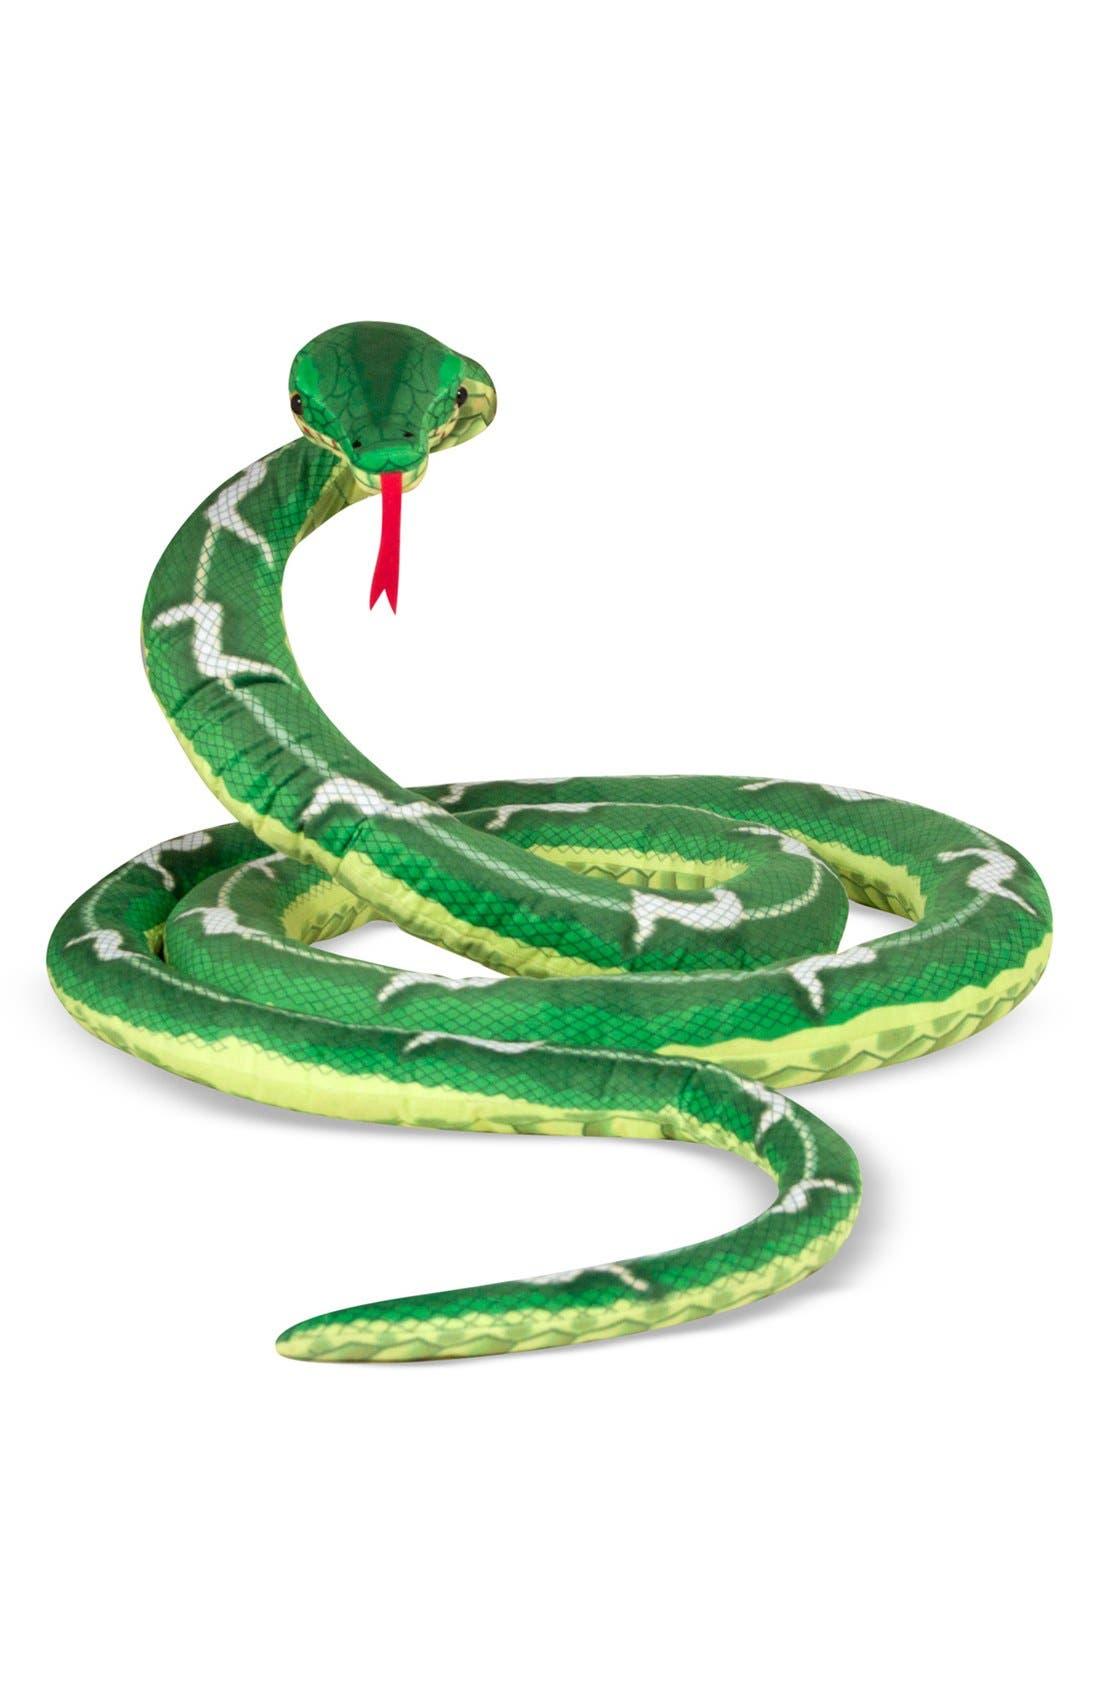 Main Image - Melissa & Doug Plush Snake